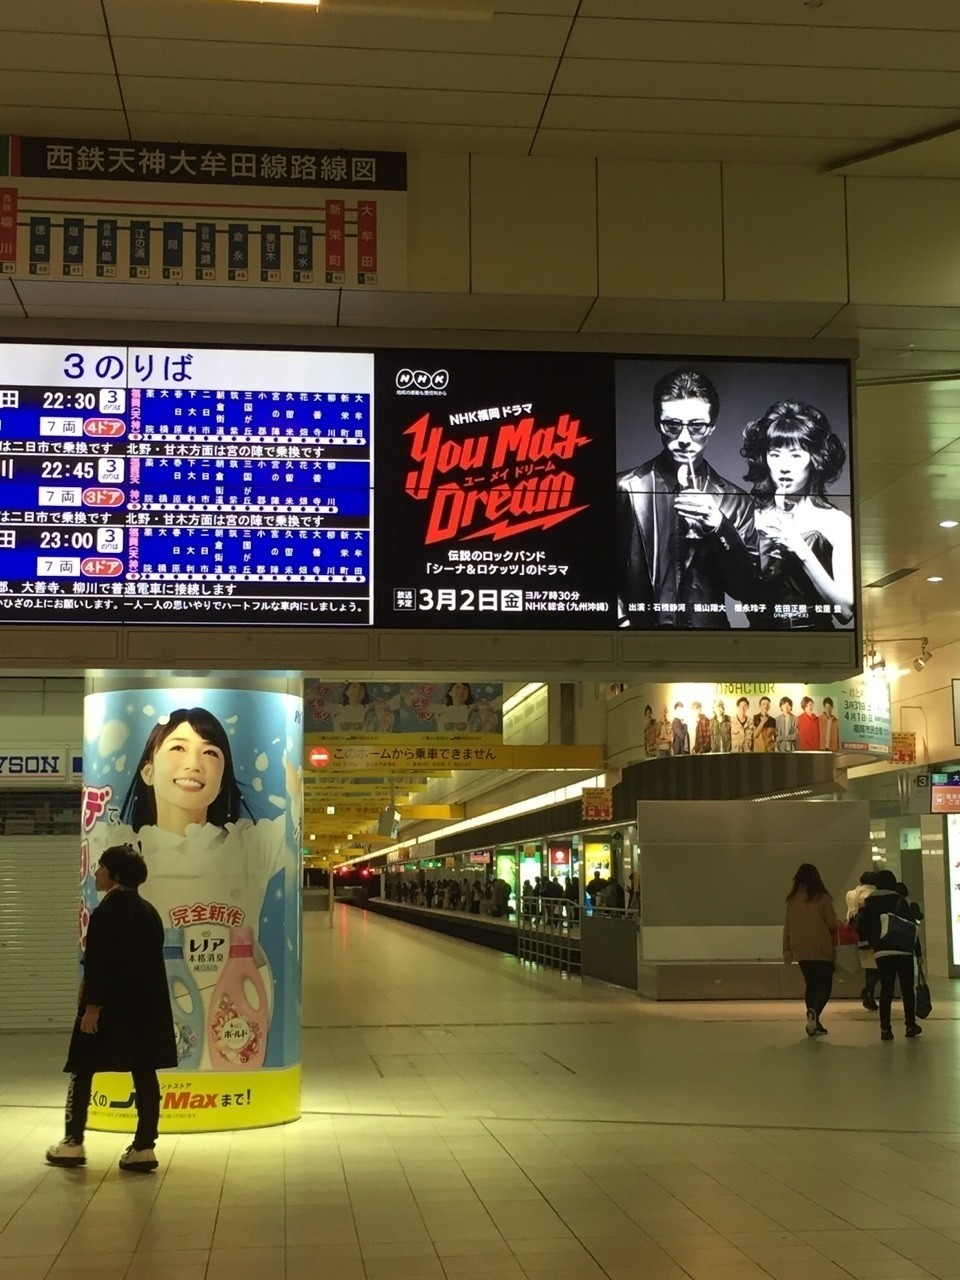 3月2日 NHK福岡ドラマ  「ユー メイ ドリーム 」 エキストラで参加した。 大好きなシーナの物語